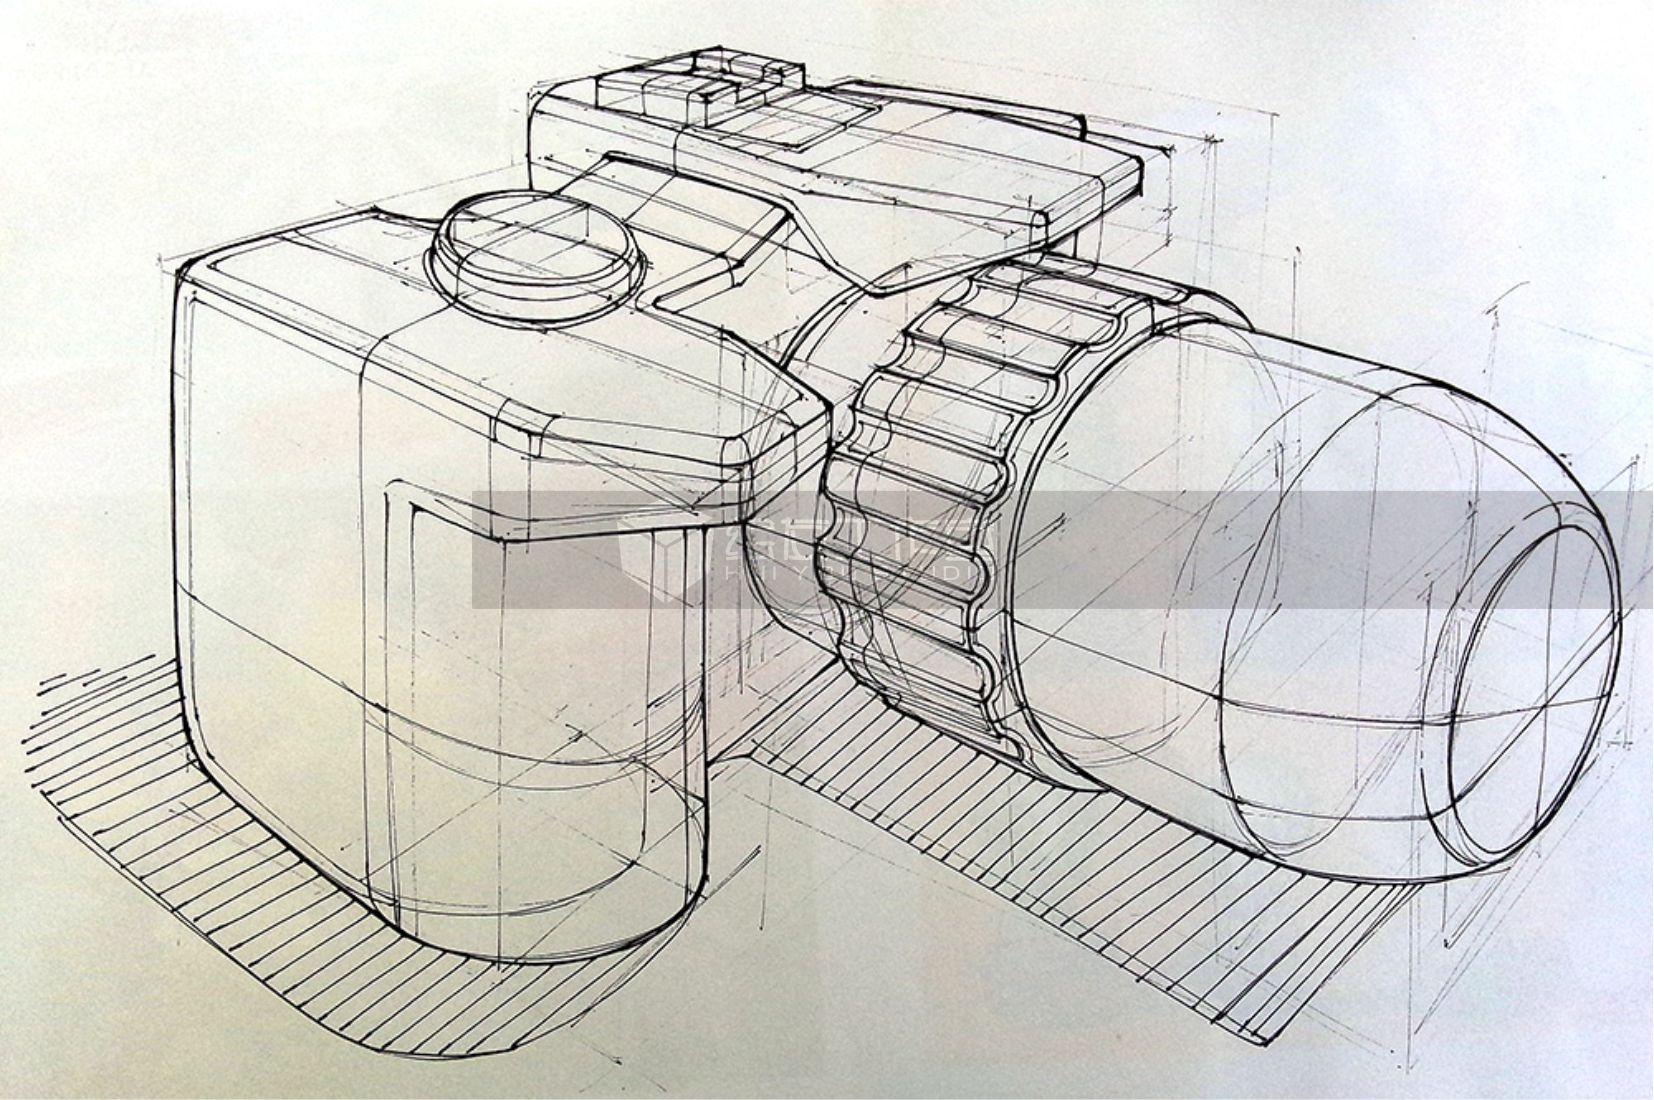 手绘单反相机线稿——工业设计产品手绘 (内含作画视频)